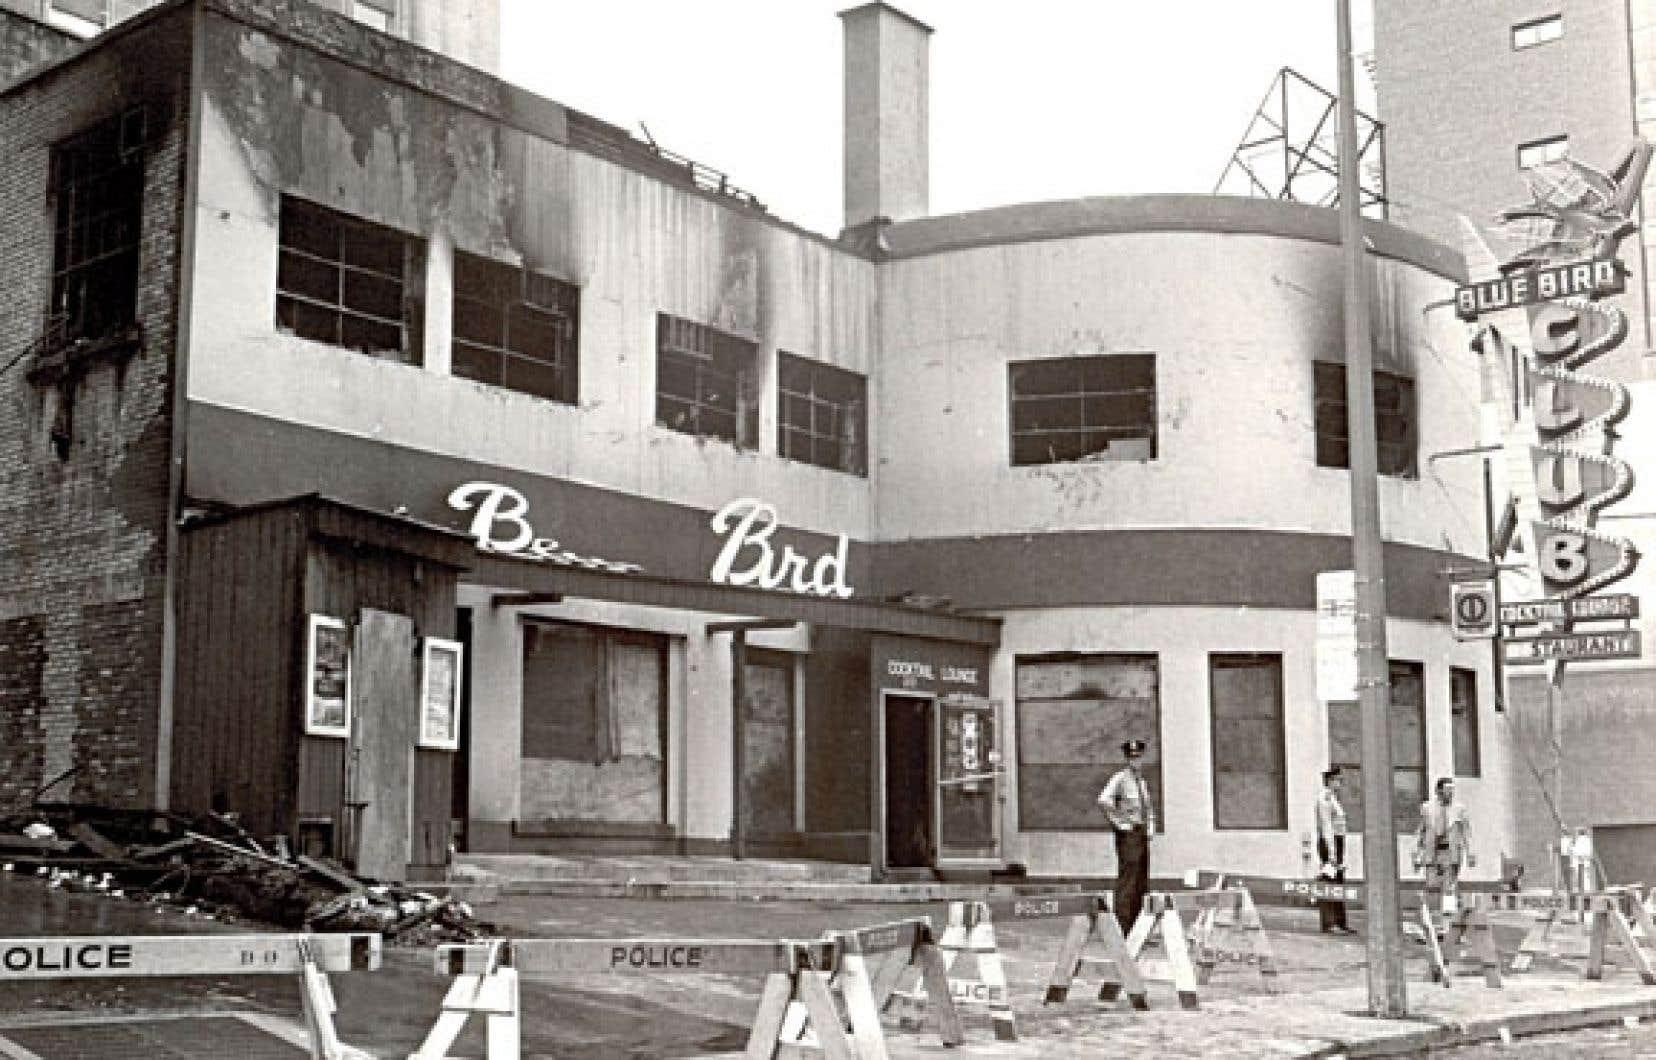 <div> 1er septembre 1972, 37 personnes trouvent la mort dans l'inccendie d'origine criminelle du Ble Bird Café.</div>